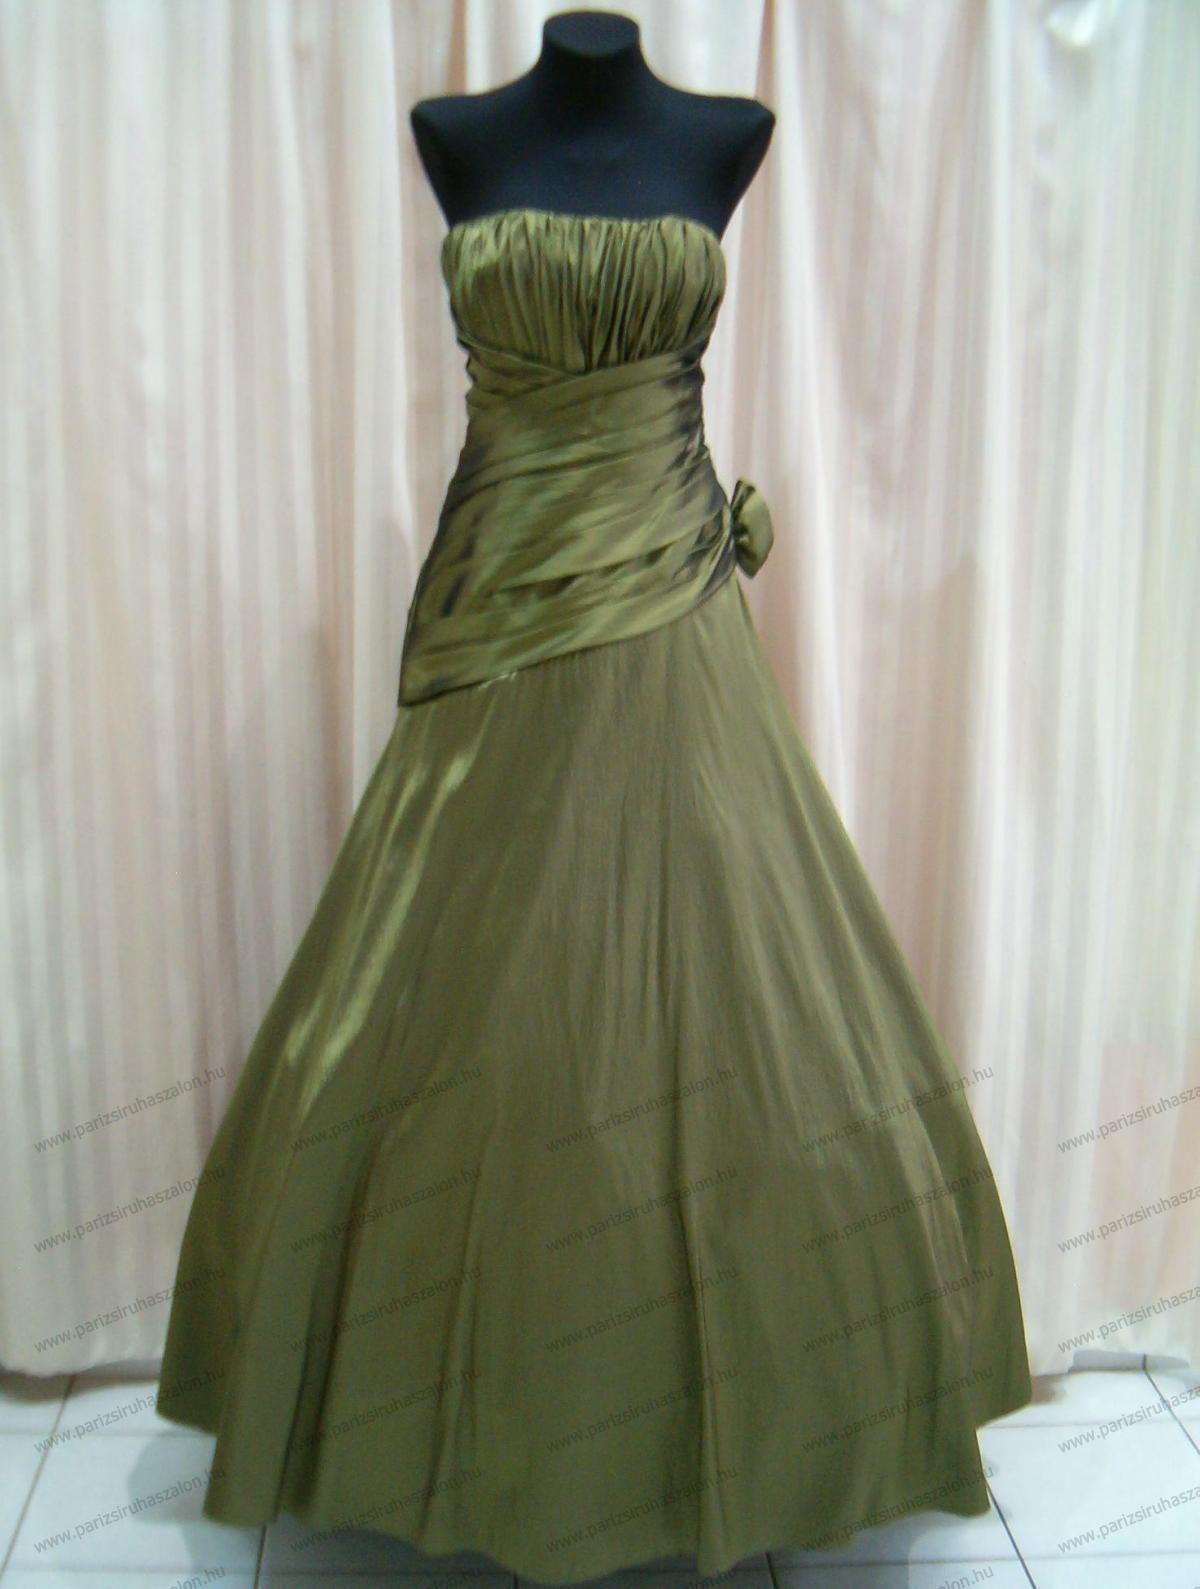 4cb10b10a4 42-es színes MENYASSZONYI ruha 375   Női hosszú alkalmi, koszorúslány,  estélyi és színes menyasszonyi ruhák. (cikkszám: 375)